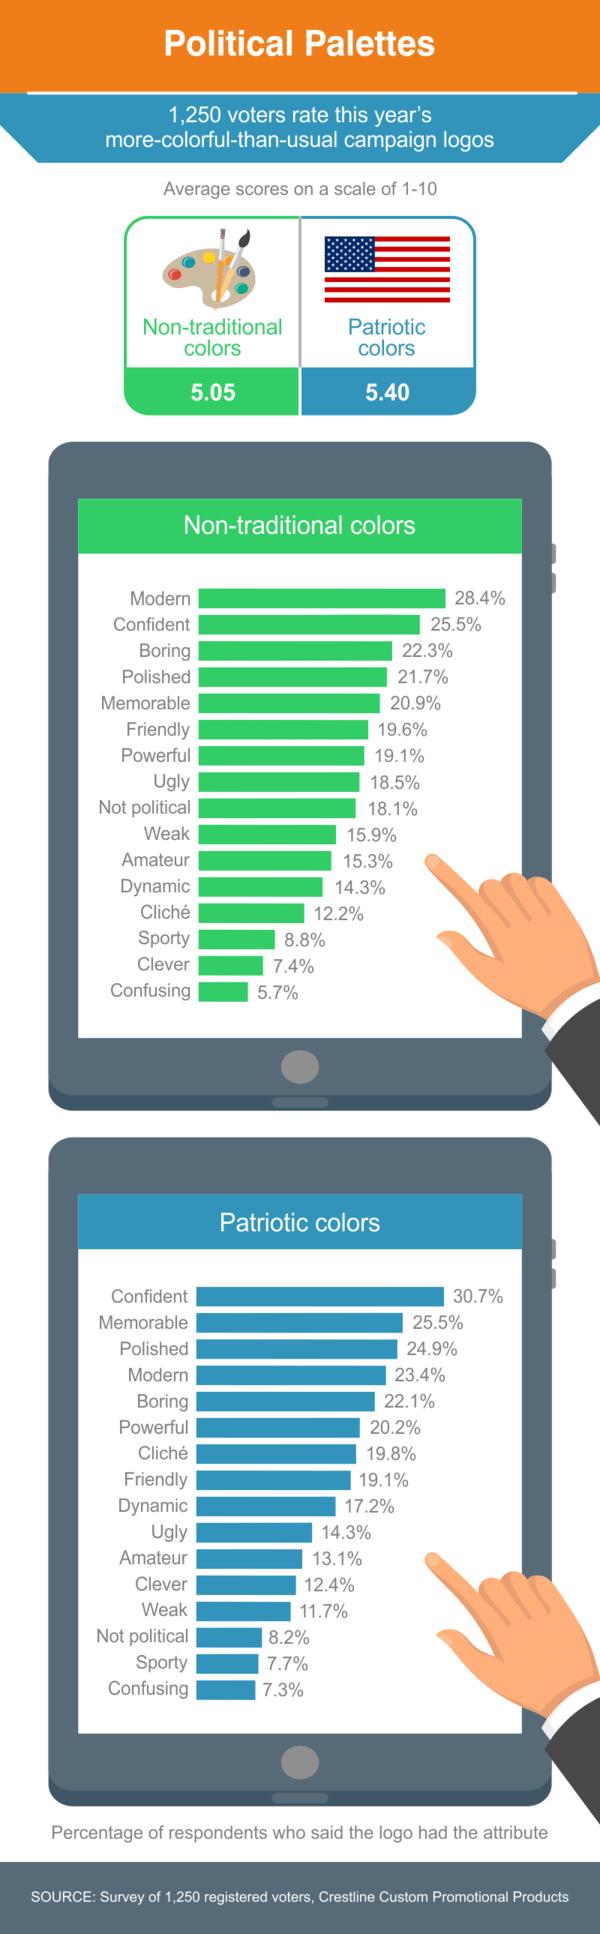 Political Palettes